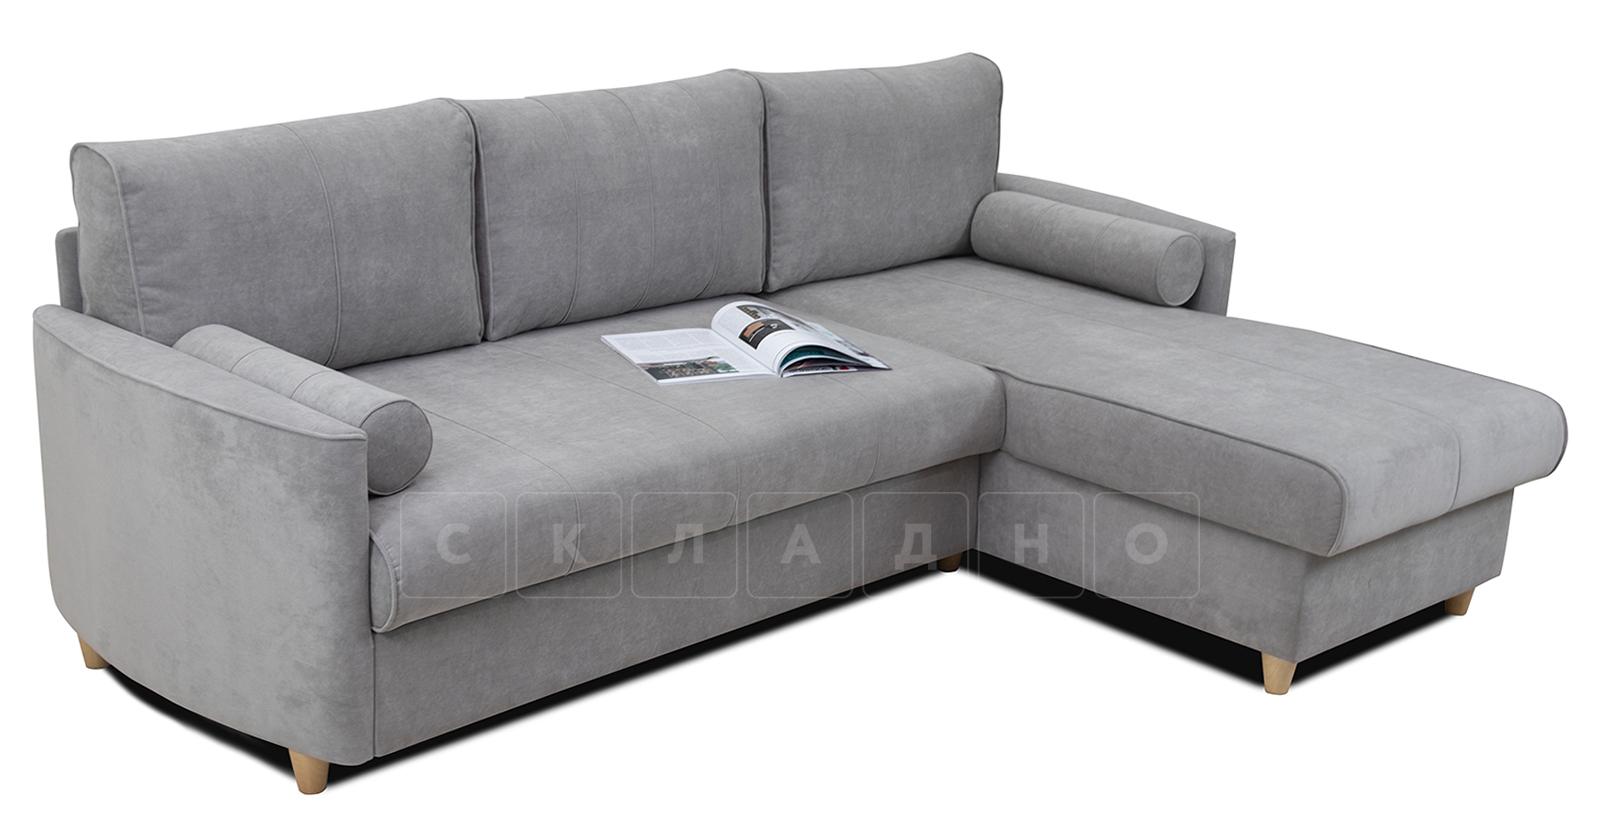 Угловой диван Лорен серебристый серый фото 3 | интернет-магазин Складно